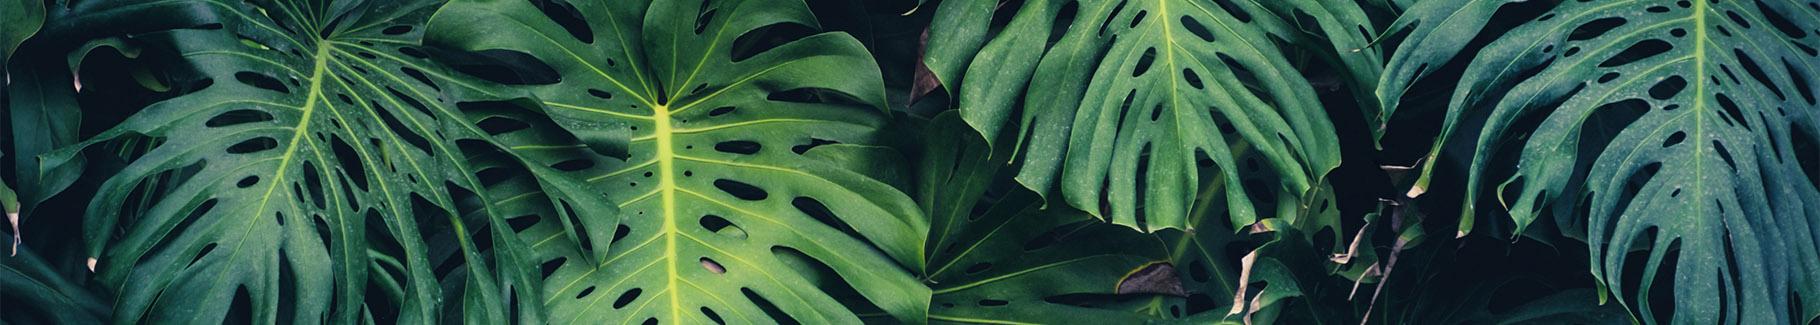 Fototapeta dżungla - liście monstery